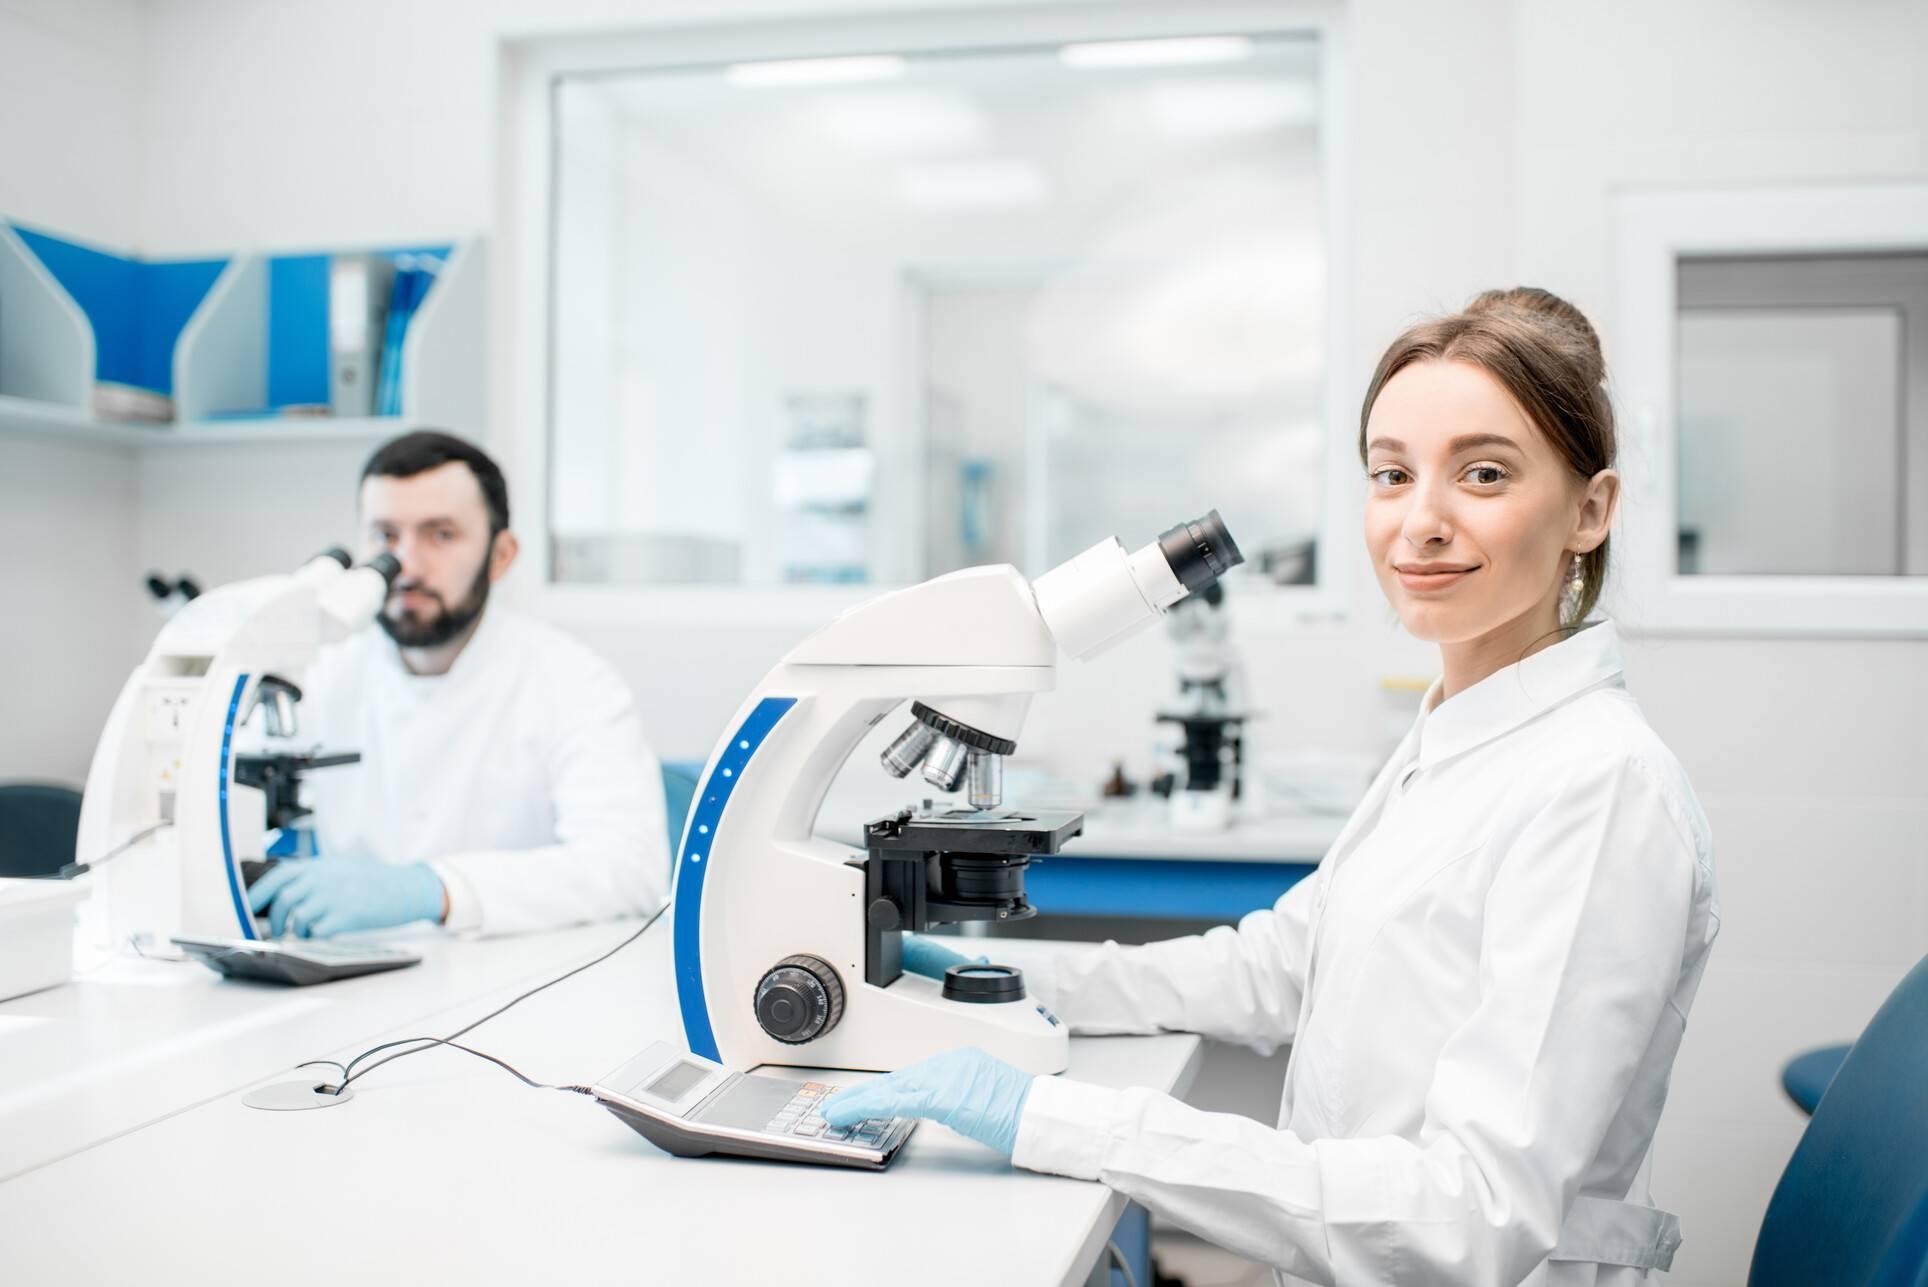 Medizinisch-technischer Laboratoriumsassistent - MTLA in München (m/w/d)